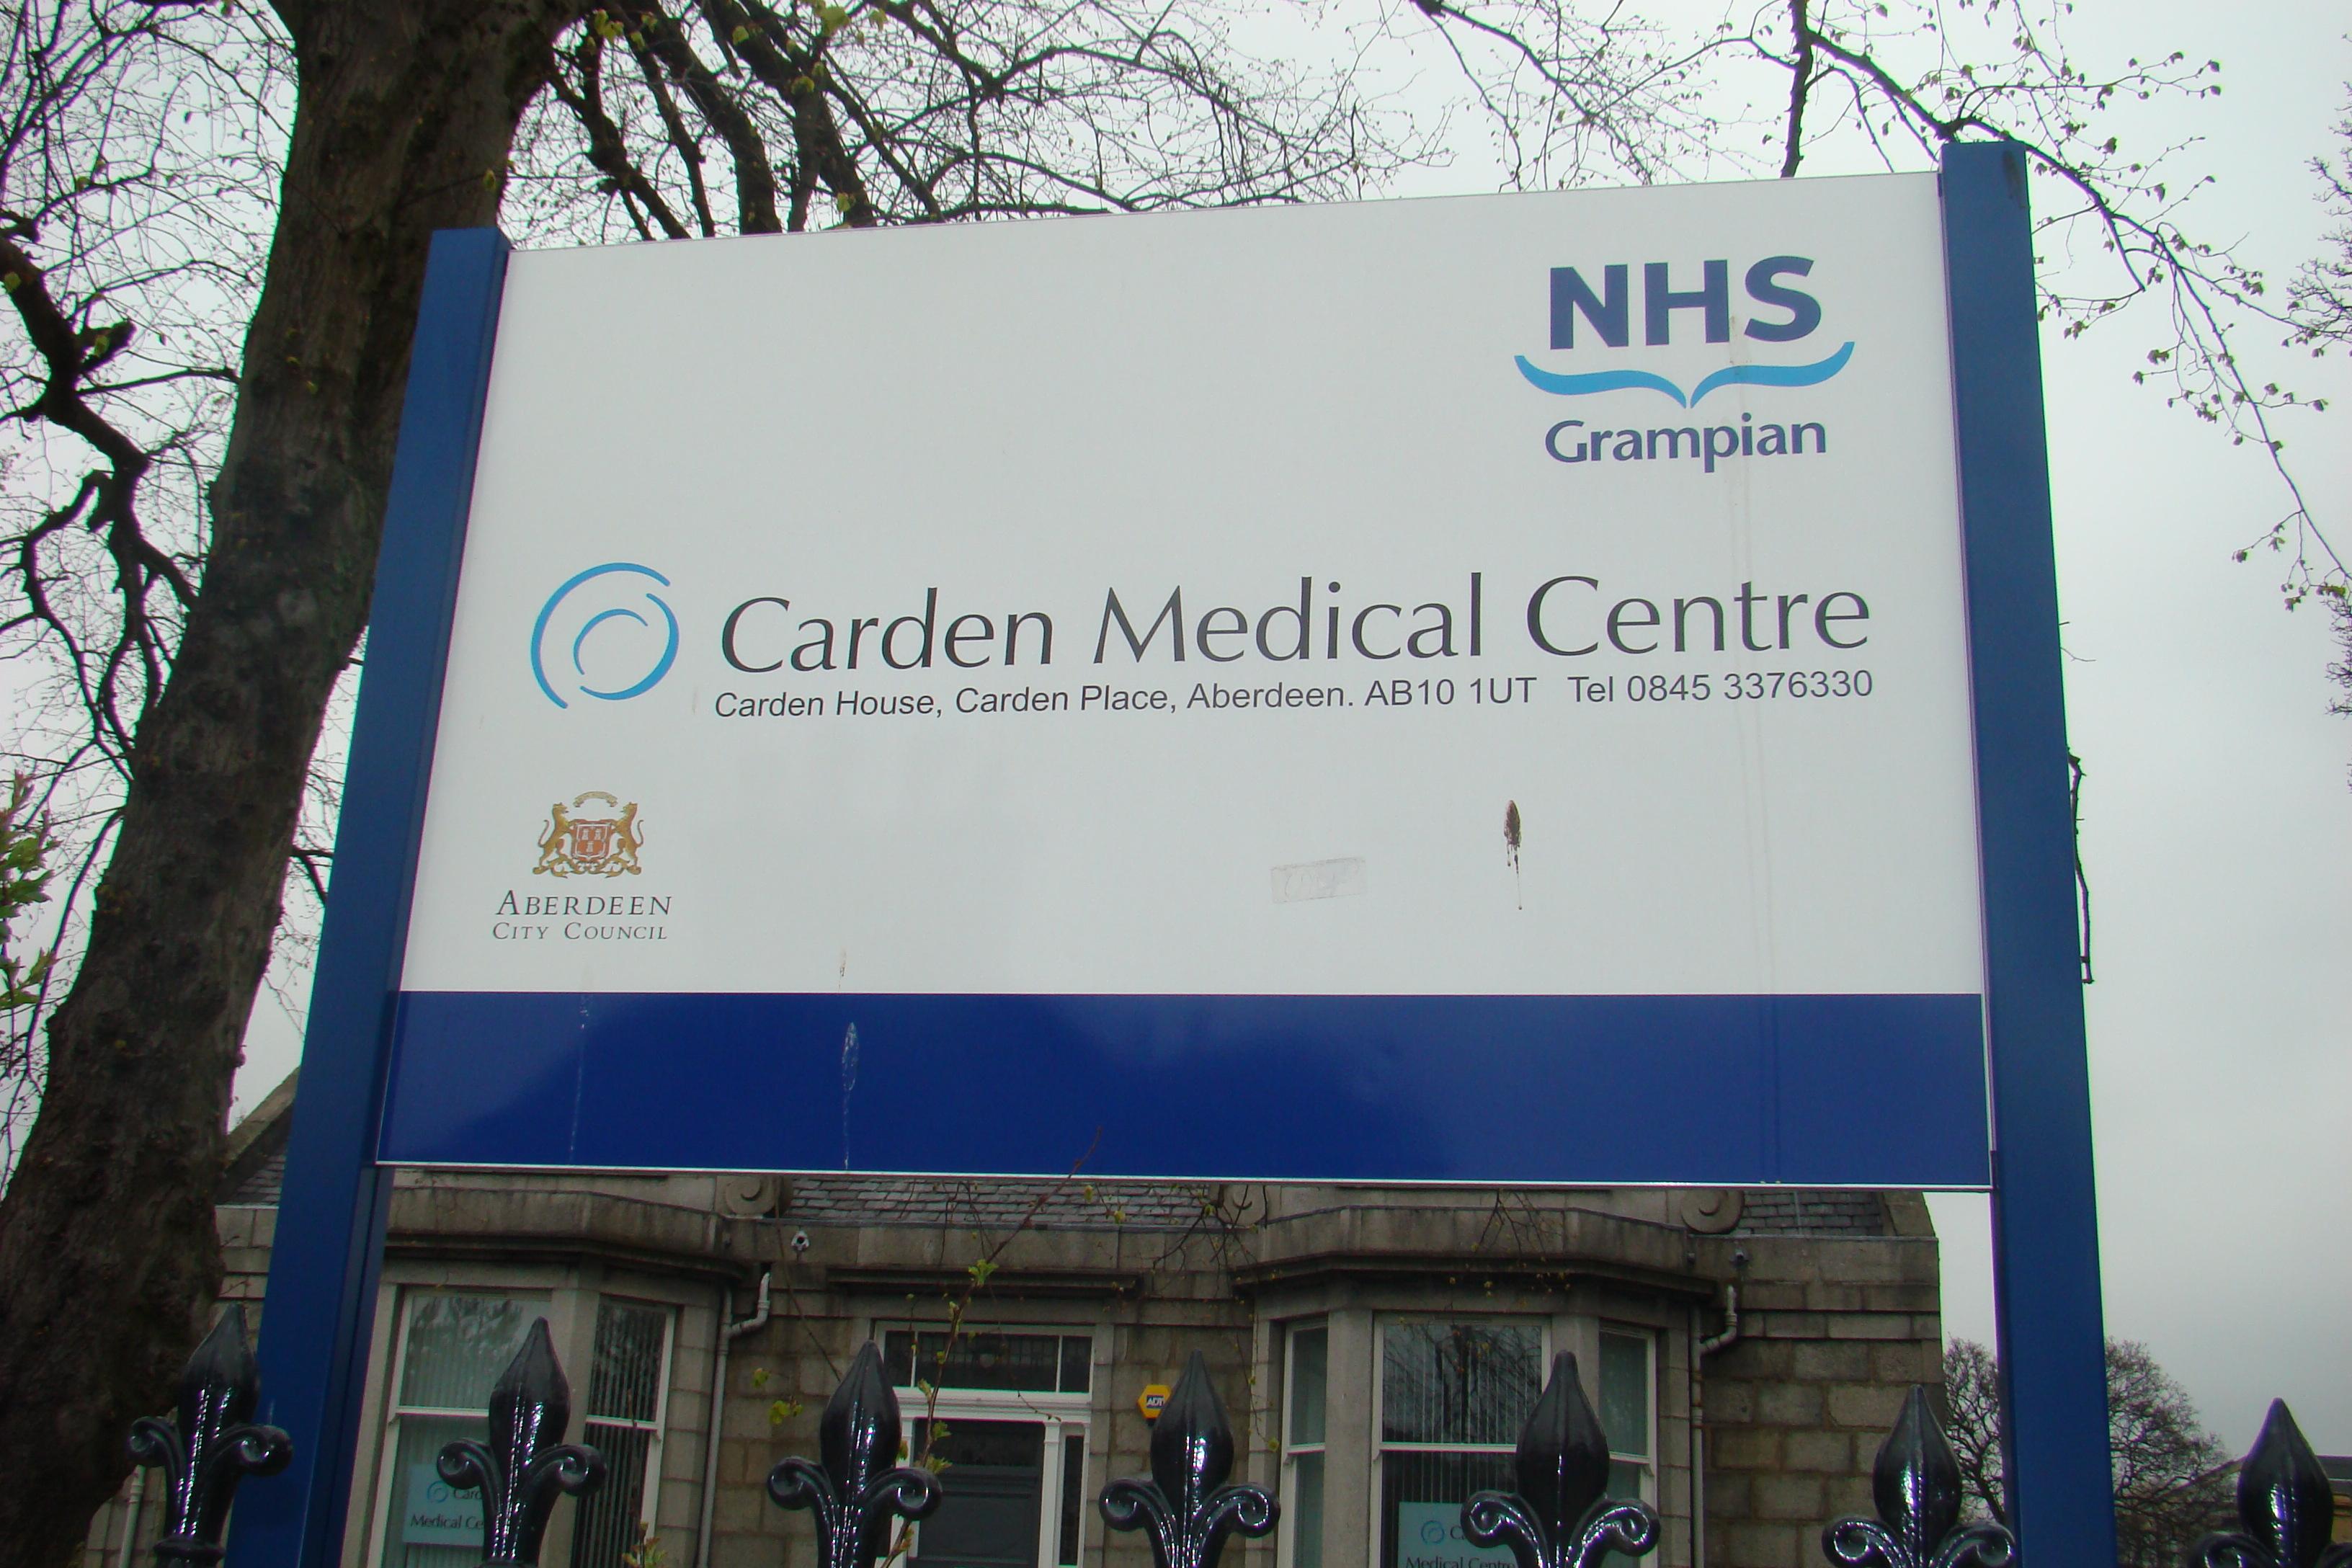 Carden Medical Centre